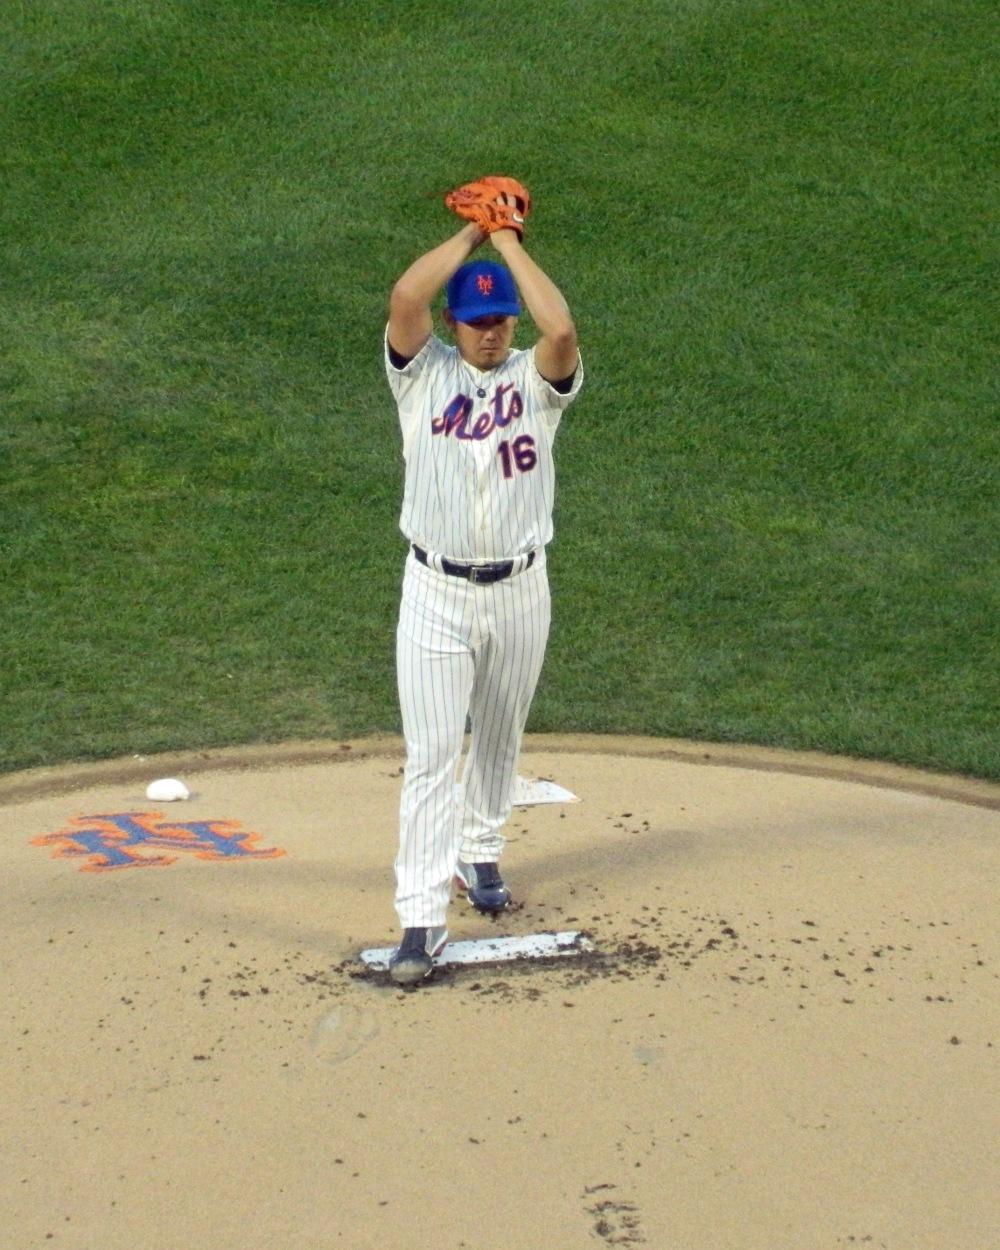 Daisuke Matsuzaka makes his Mets debut on Aug. 23, 2013 (Photo credit: Paul Hadsall)